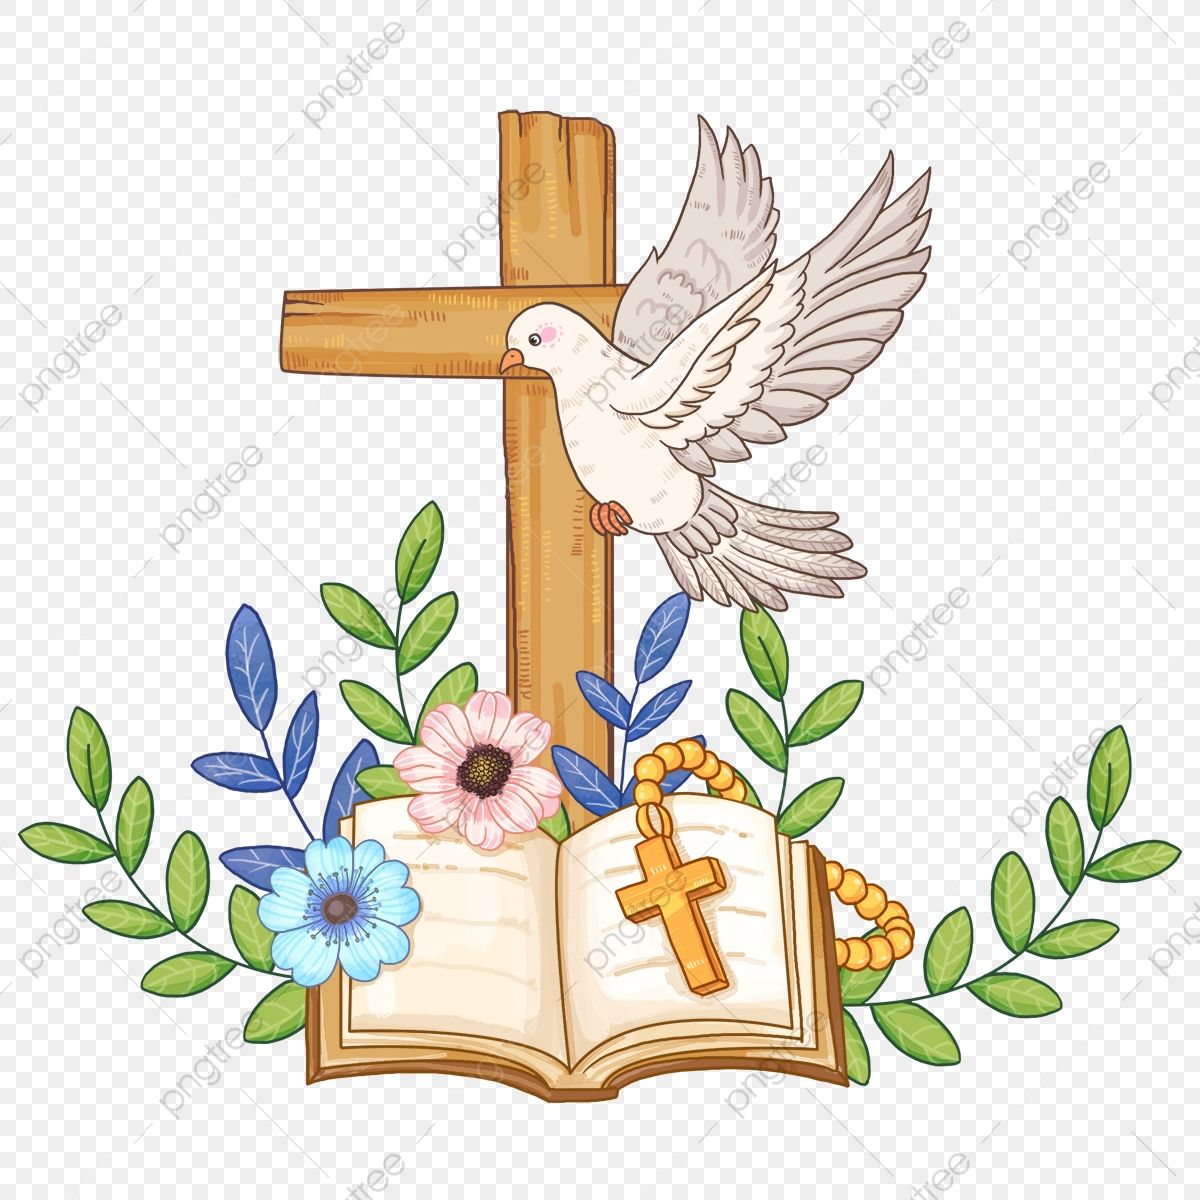 Pentecostes Cristiano Religioso Clipart De La Biblia Cruzar Cristiandad Png Y Psd Para Descargar Gratis Pngtree In 2021 Dove Logo Design Bible Clipart Christian Themes